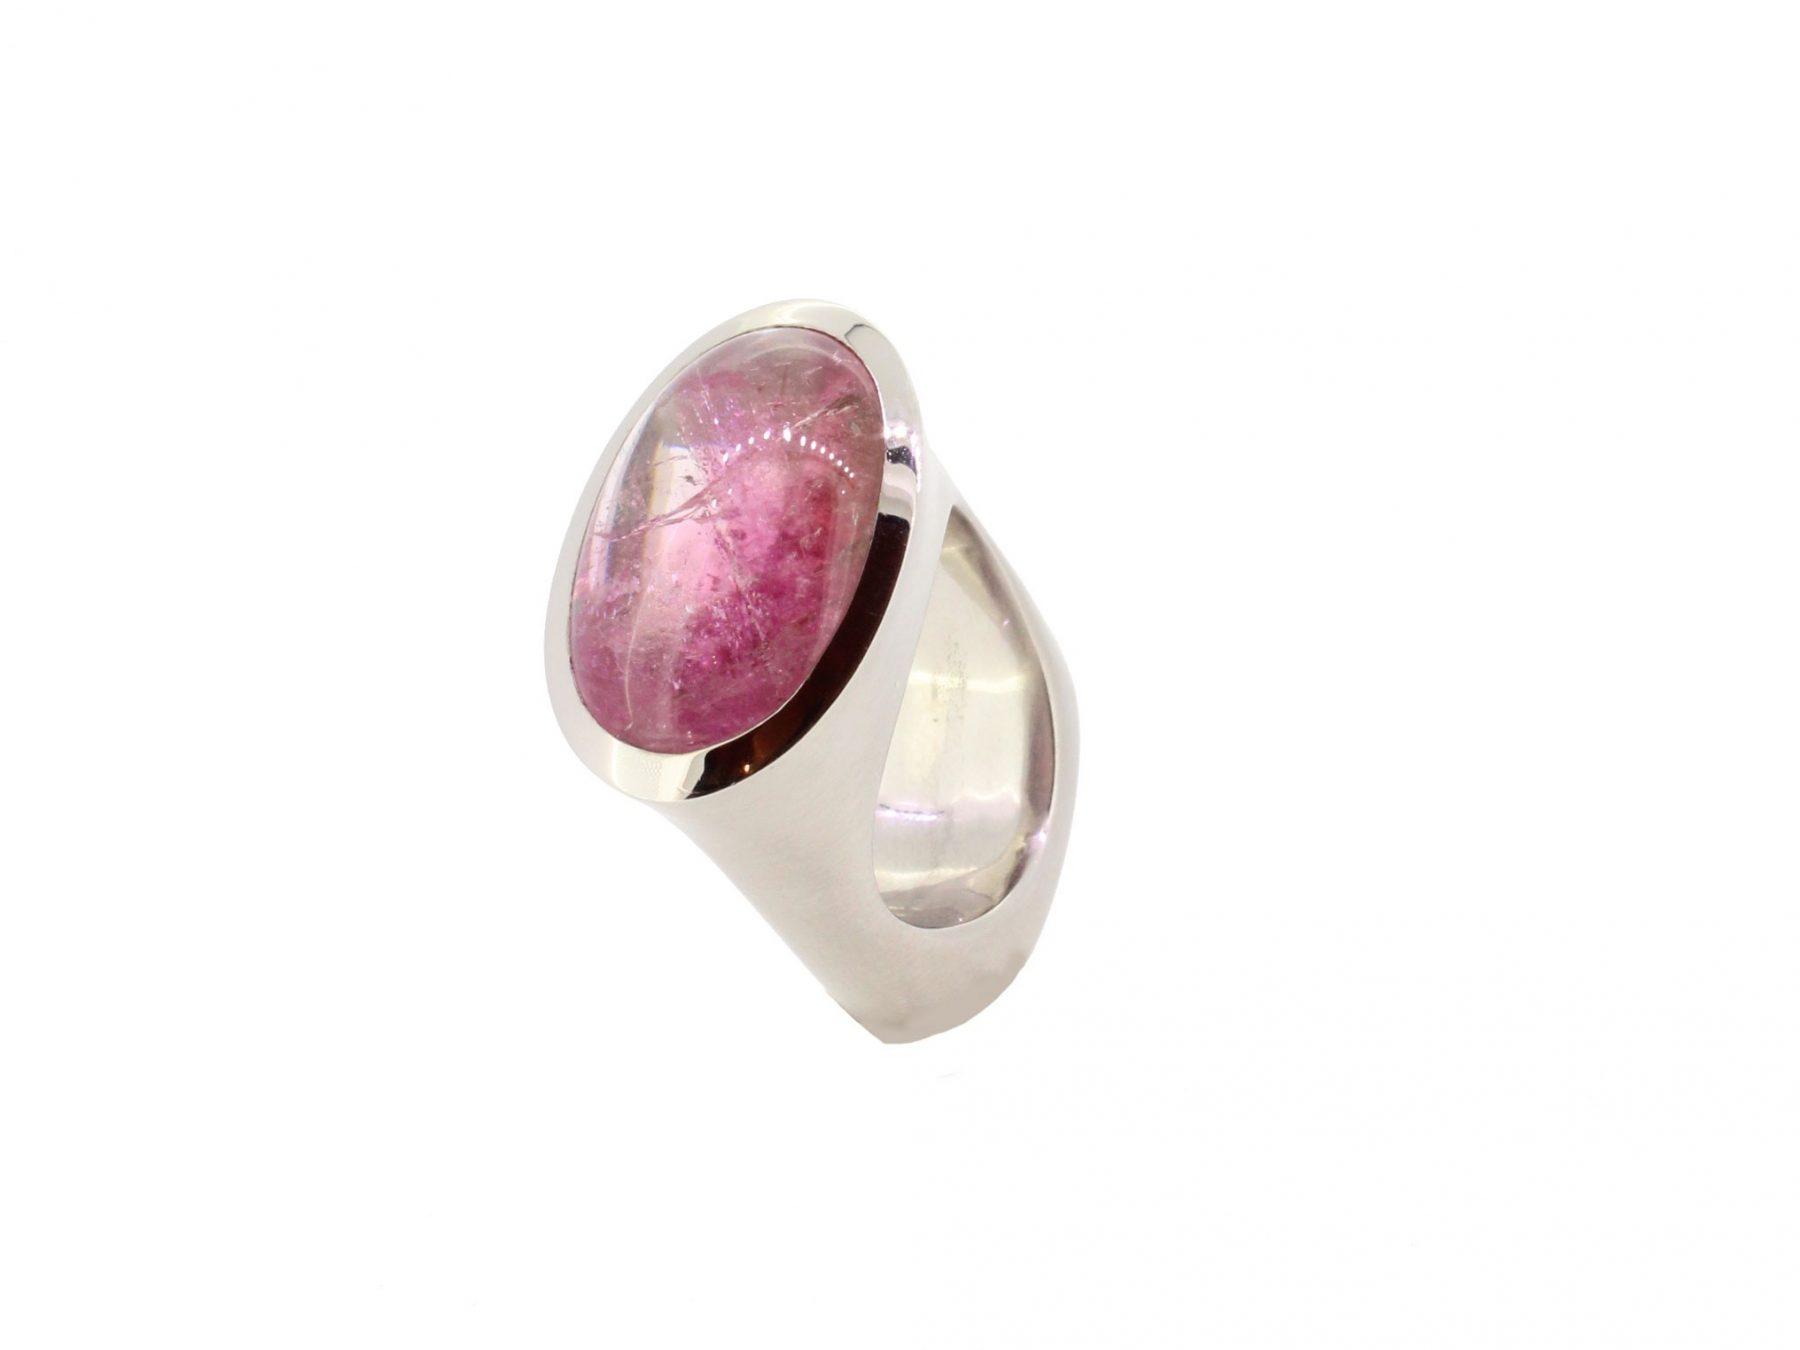 Ring Doublette 950 Palladium - Individuelle Marken - R-4396